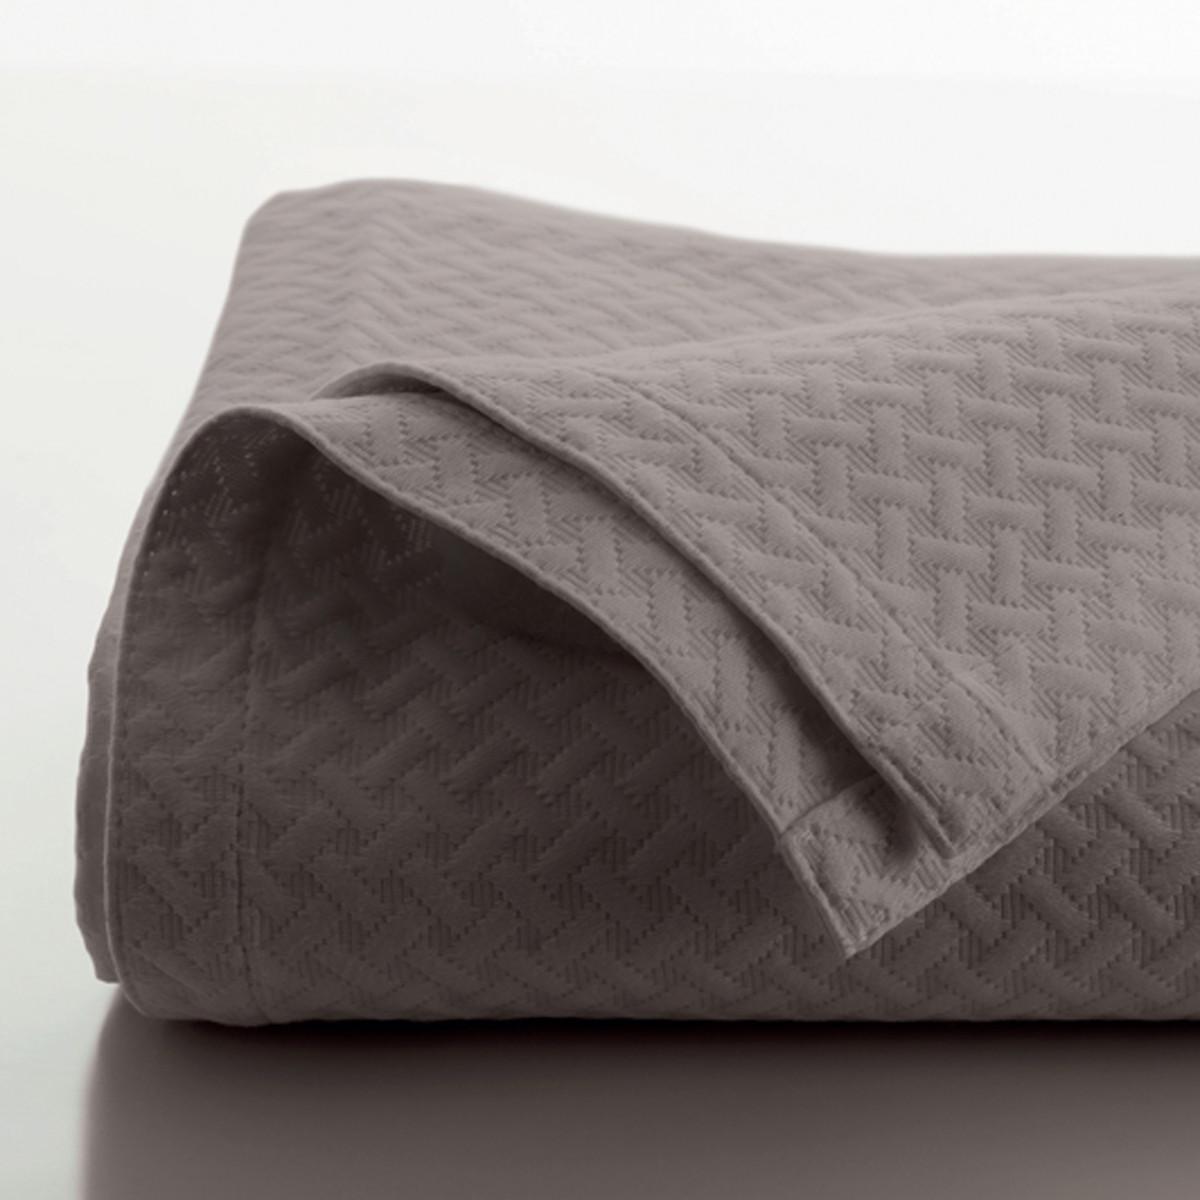 Jete de lit coton 230x250 cm taupe